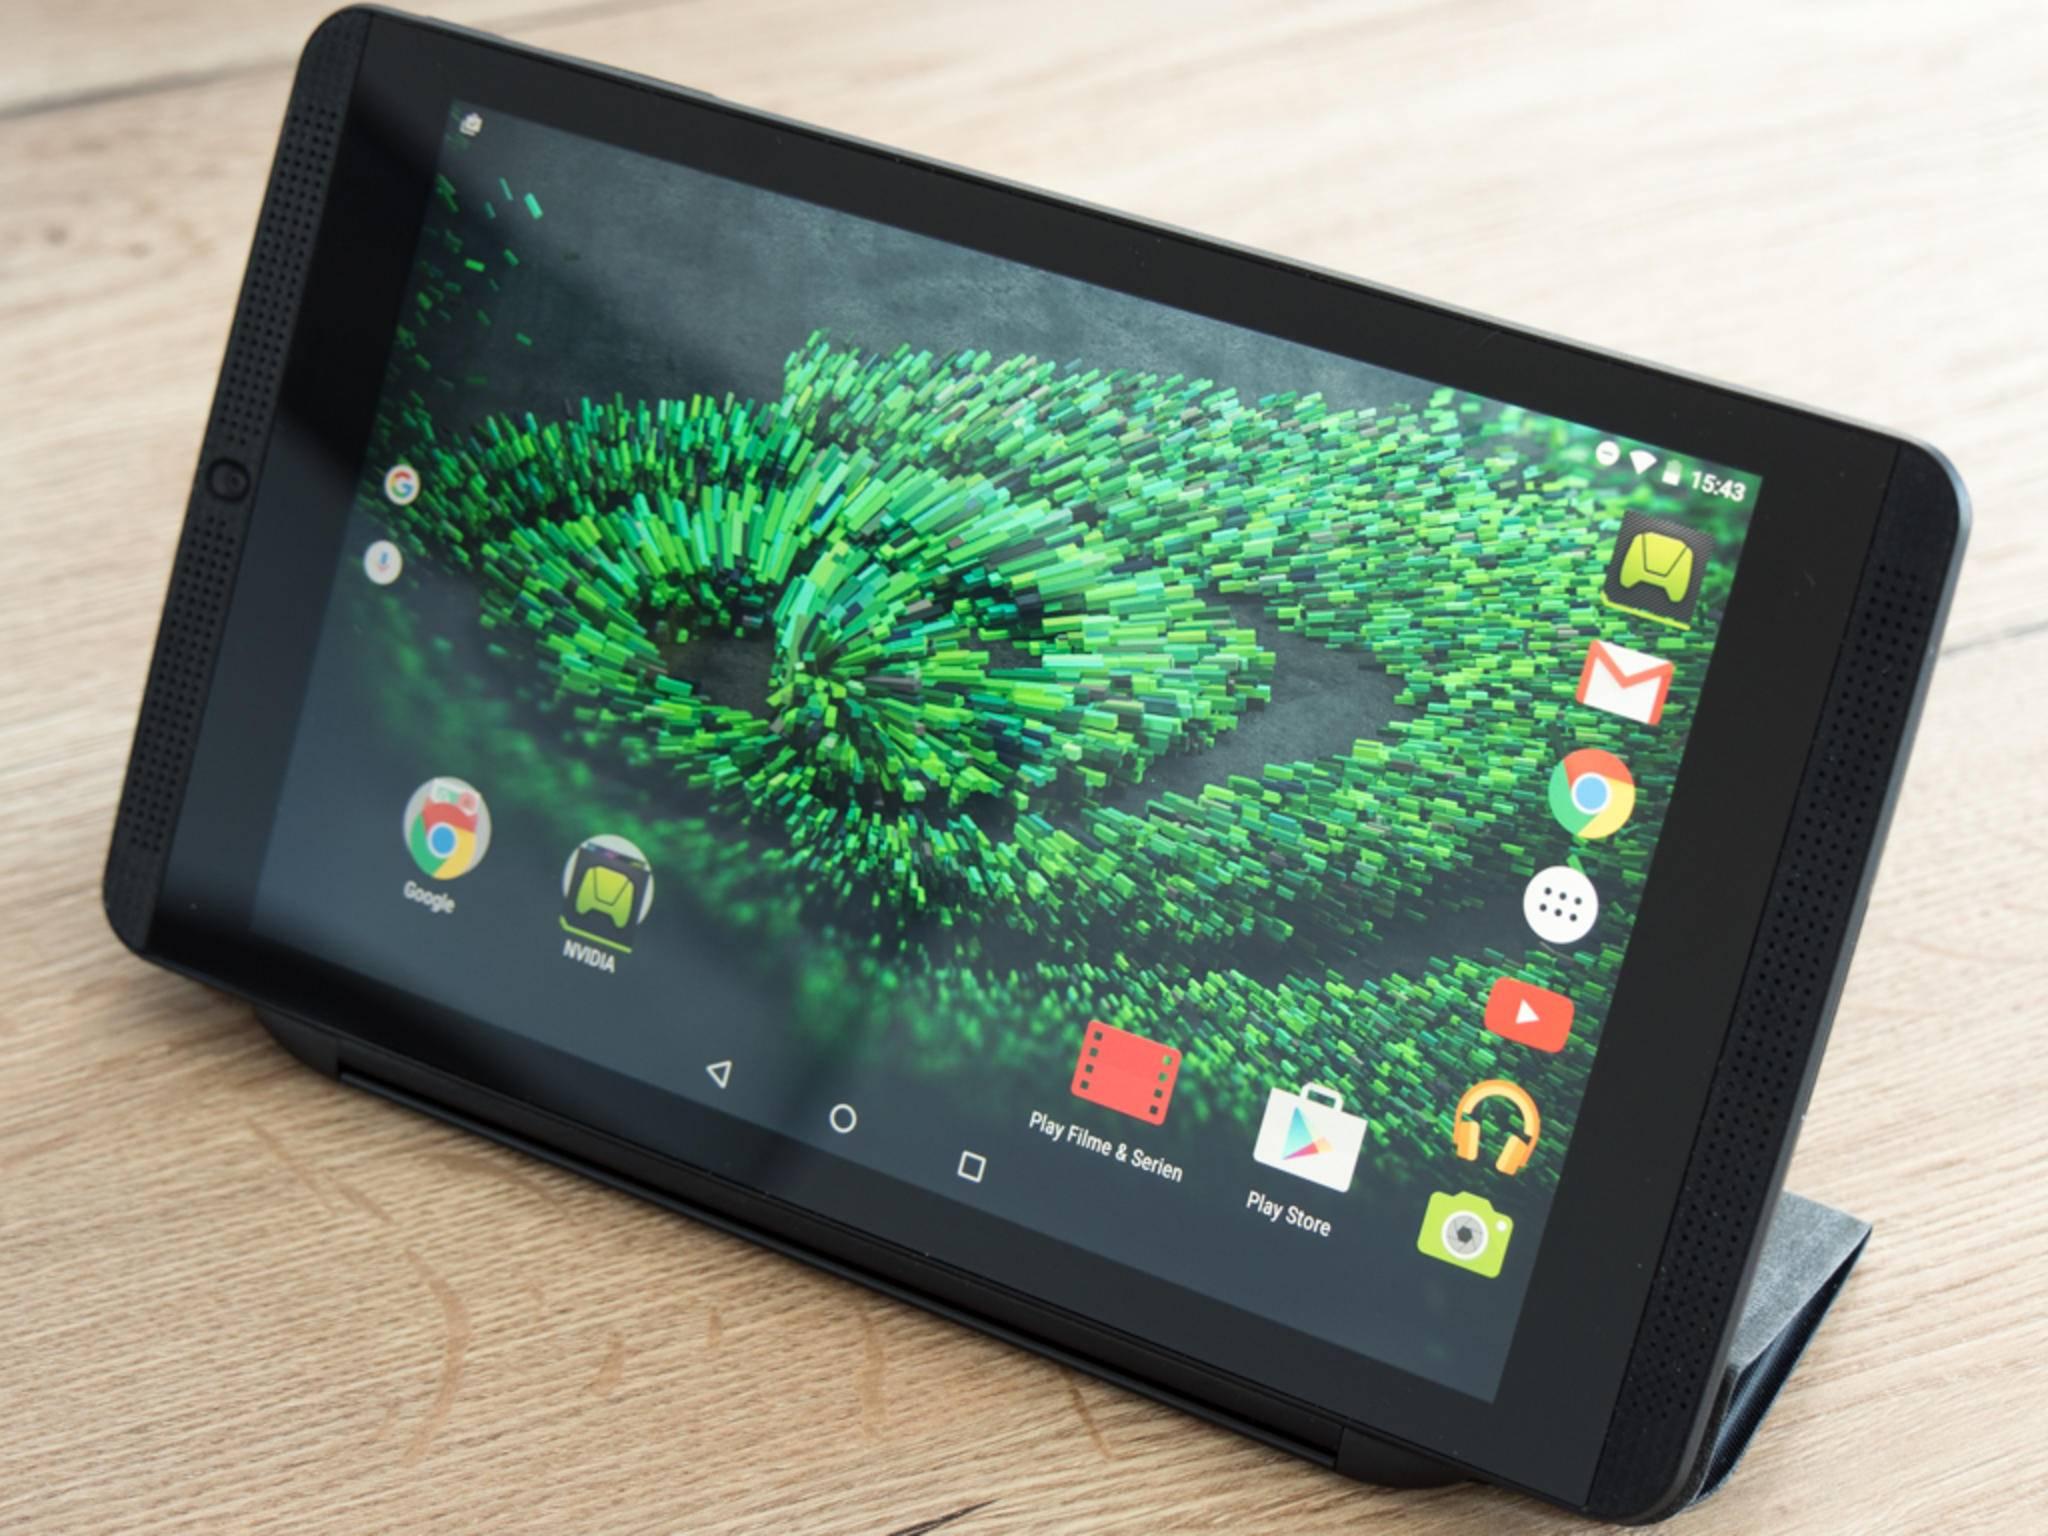 Auch bei einem Android-Tablet hilft oft nur der Werksreset.